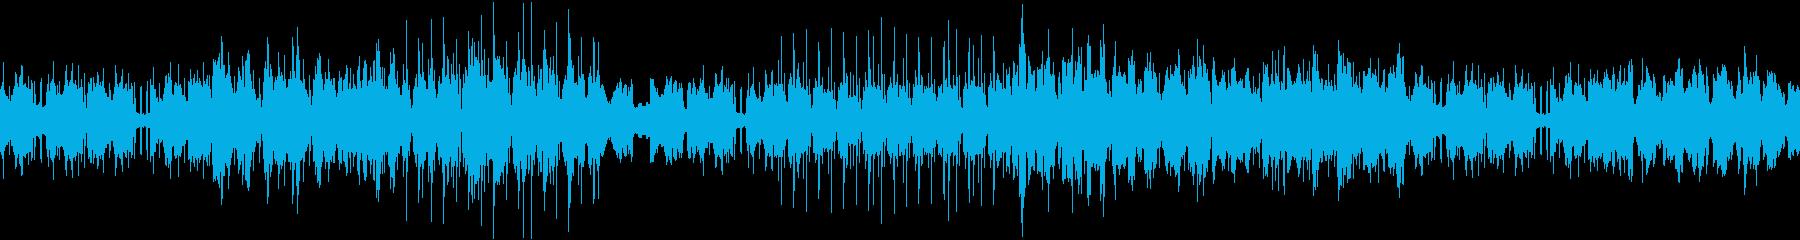 叙情的EDMハウスver.2(キックレスの再生済みの波形